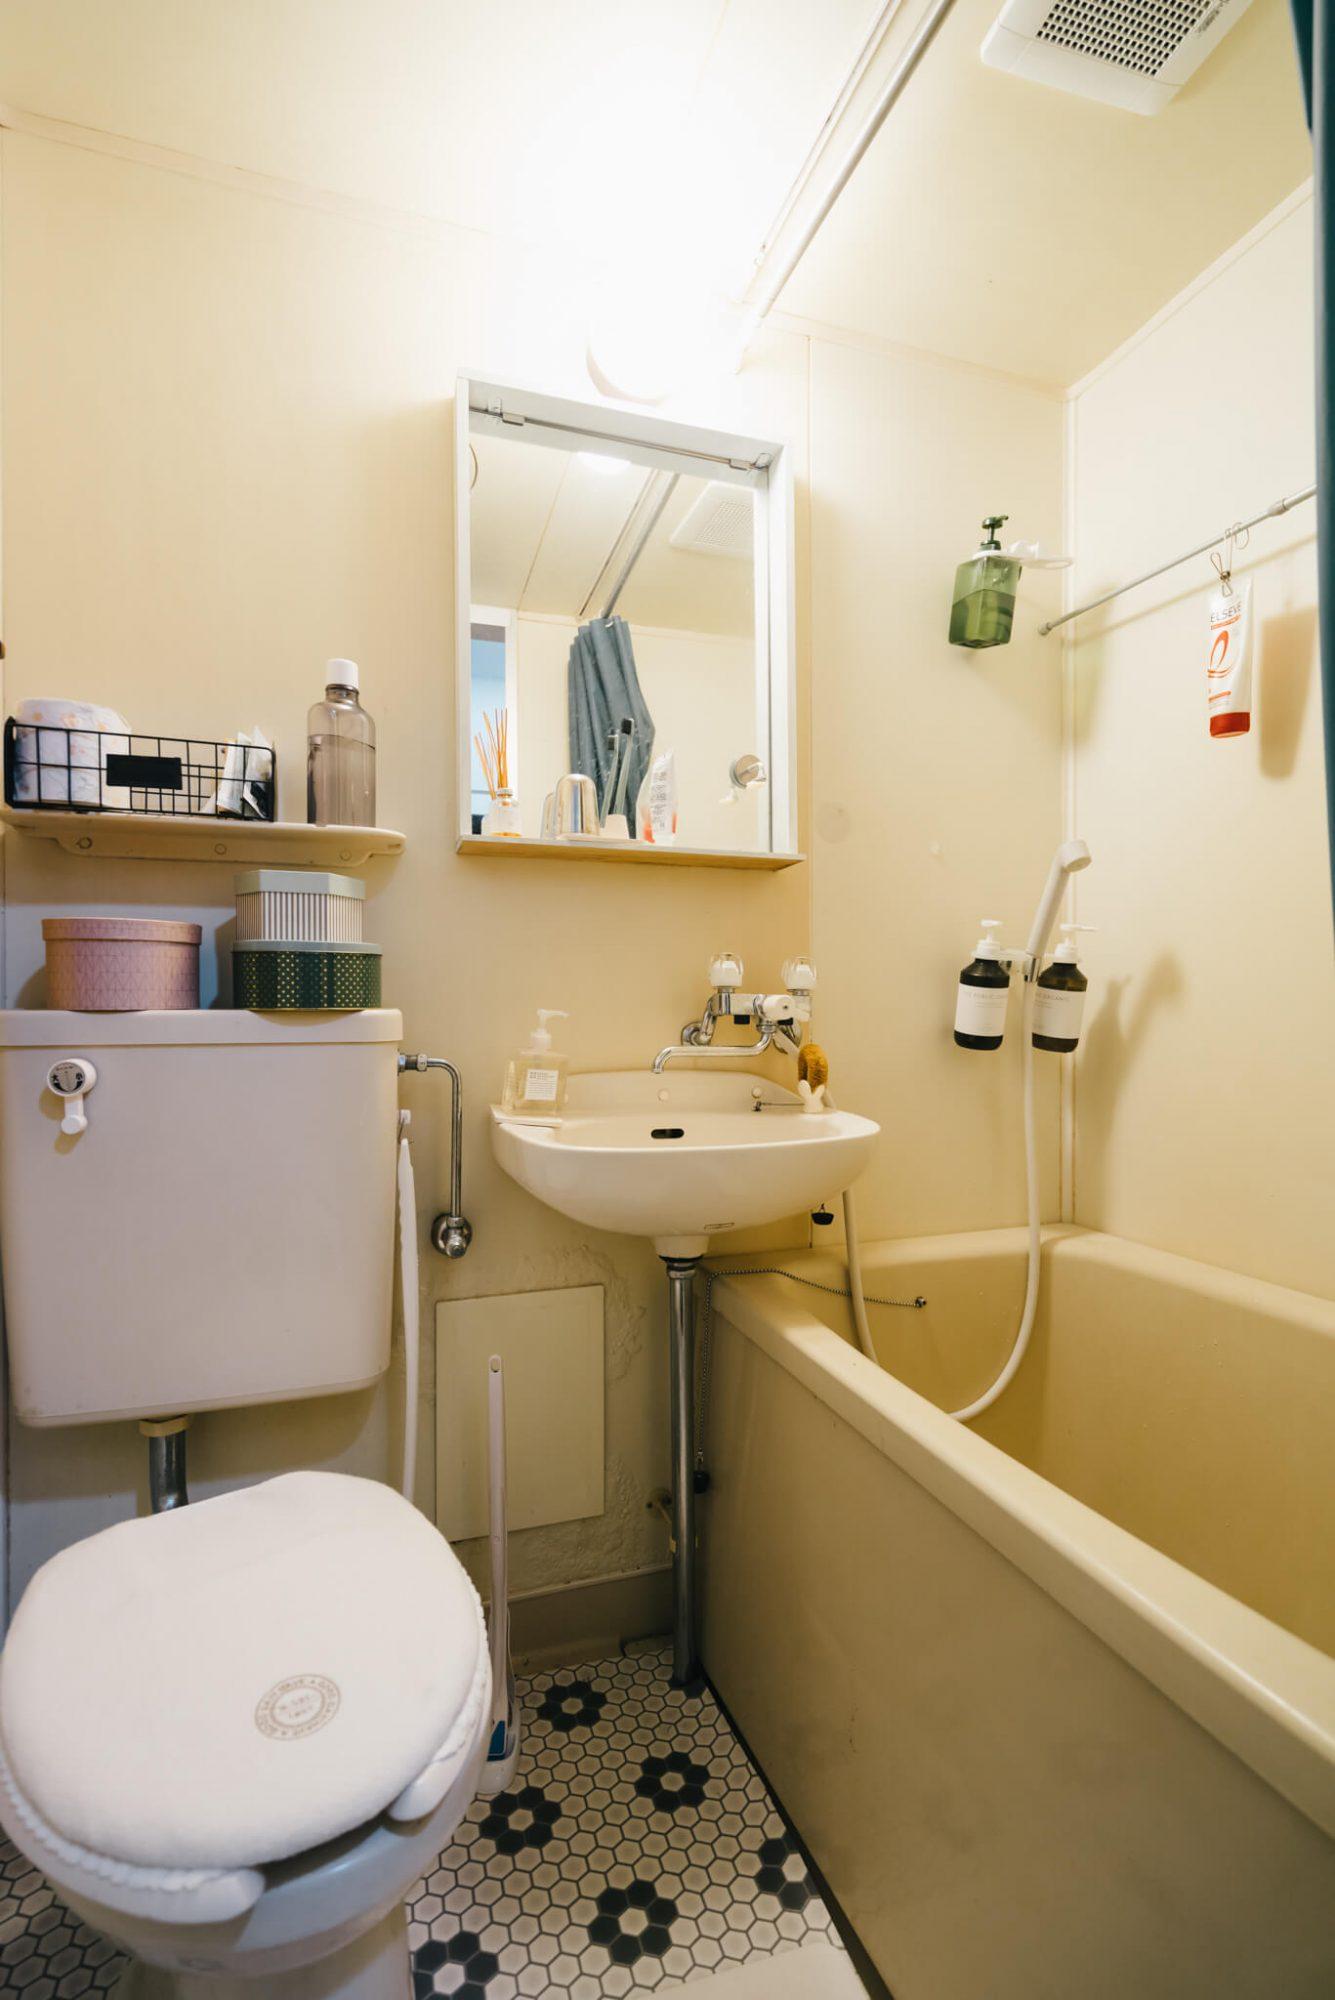 柄が特徴的なクッションフロアを敷くことで、ちょっぴりレトロな雰囲気に。クッションフロアだと床全体にぴったり敷くことができるのがいいですね。水に濡れてもサッと拭けばオッケー!(このお部屋を見る)